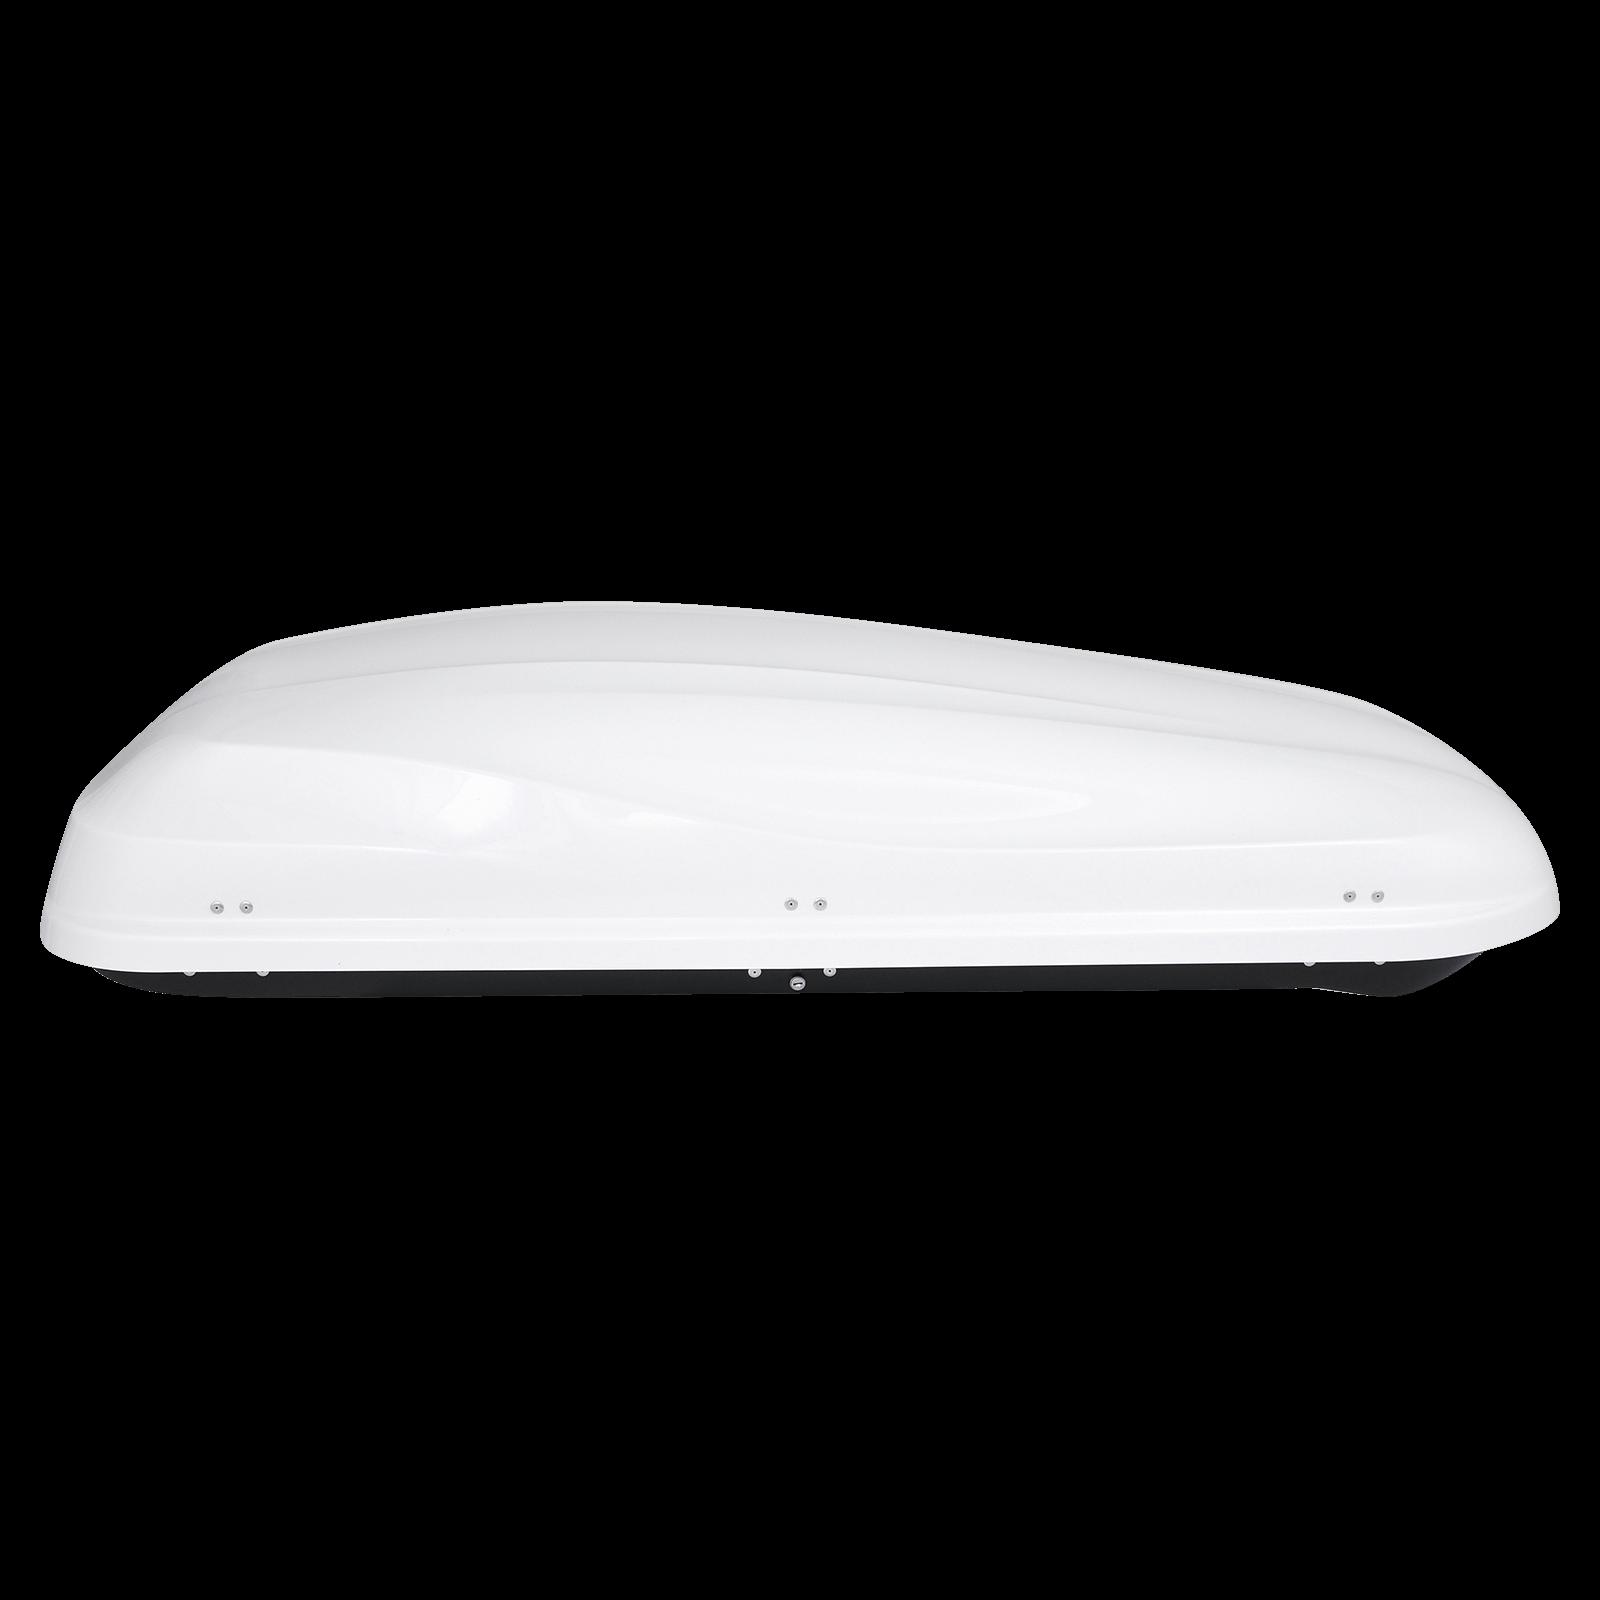 Dachbox Junior Altro 500 weiß glänzend - Bild 4